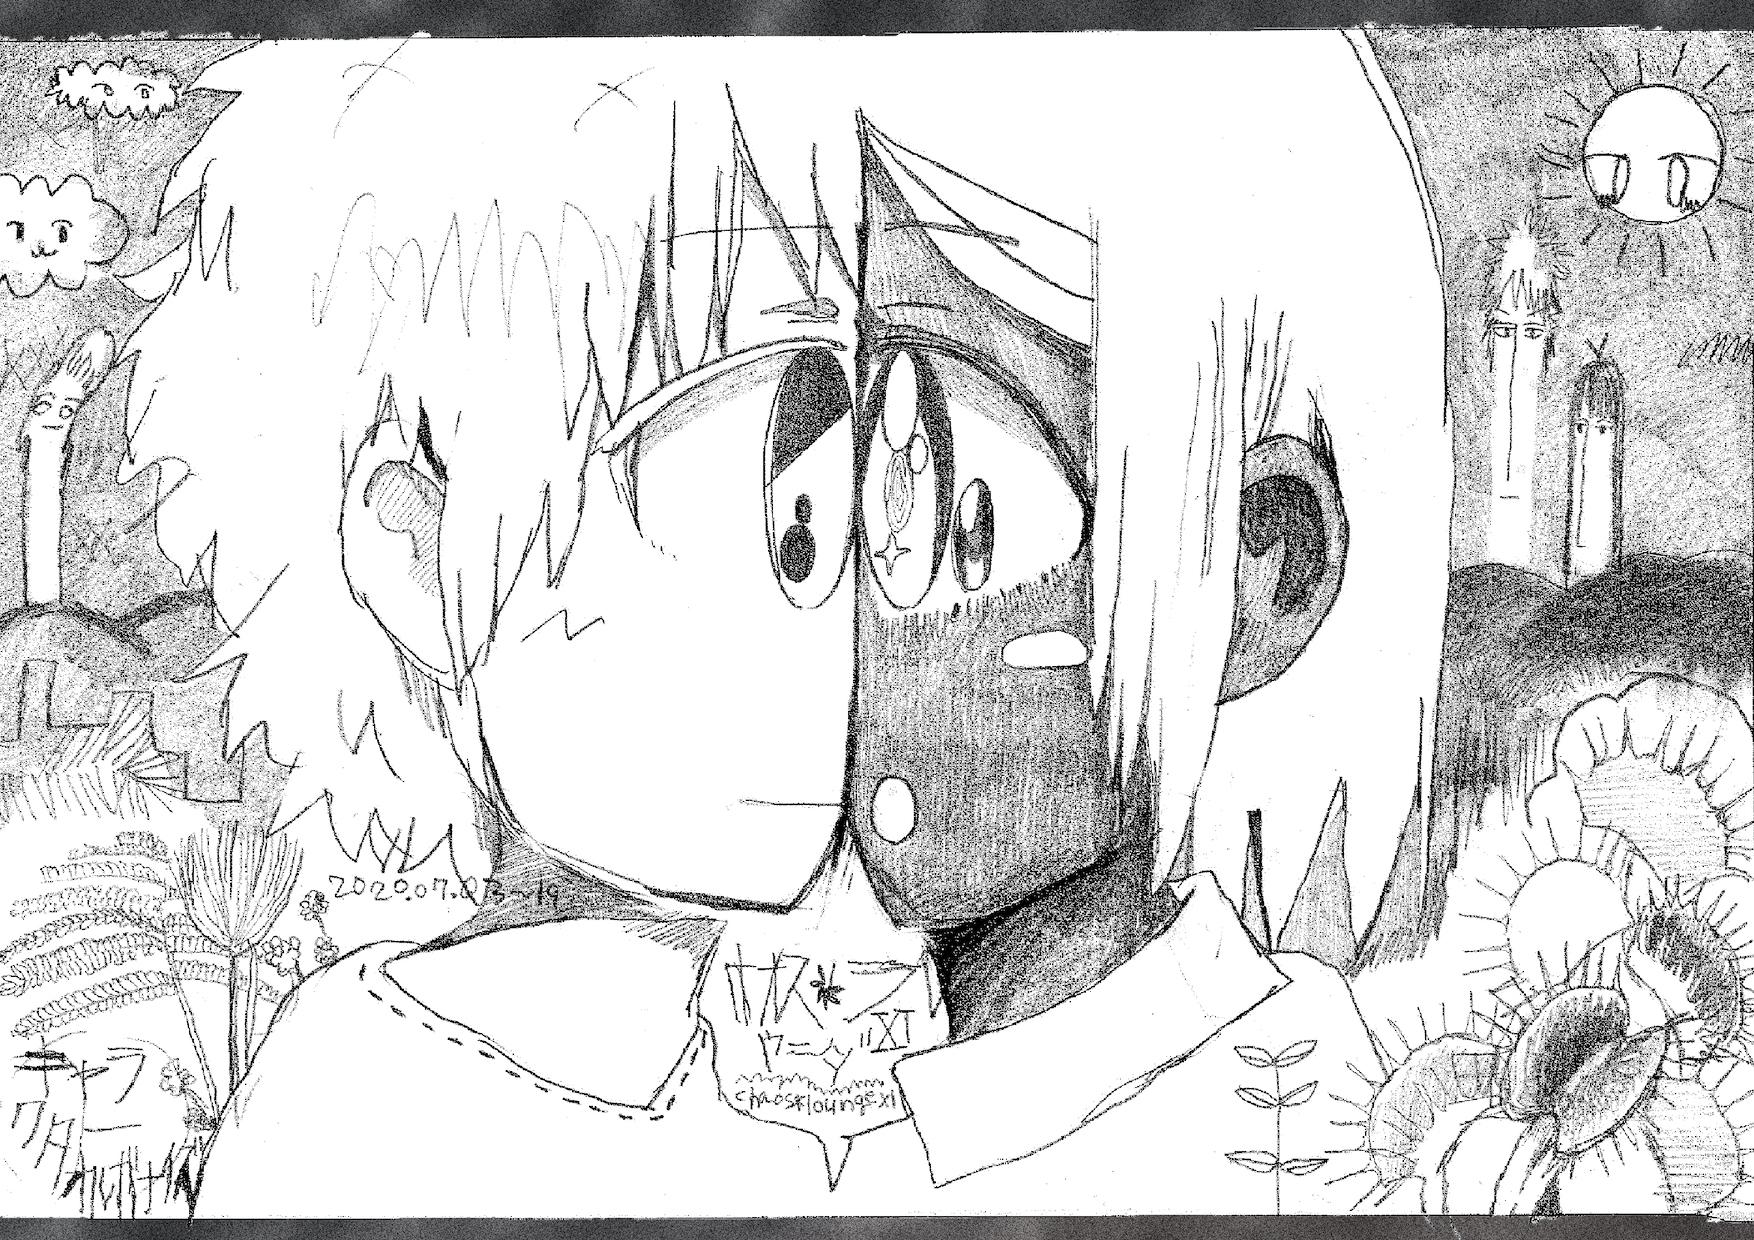 『カオス*ラウンジXI キャラクターオルガナイズ』